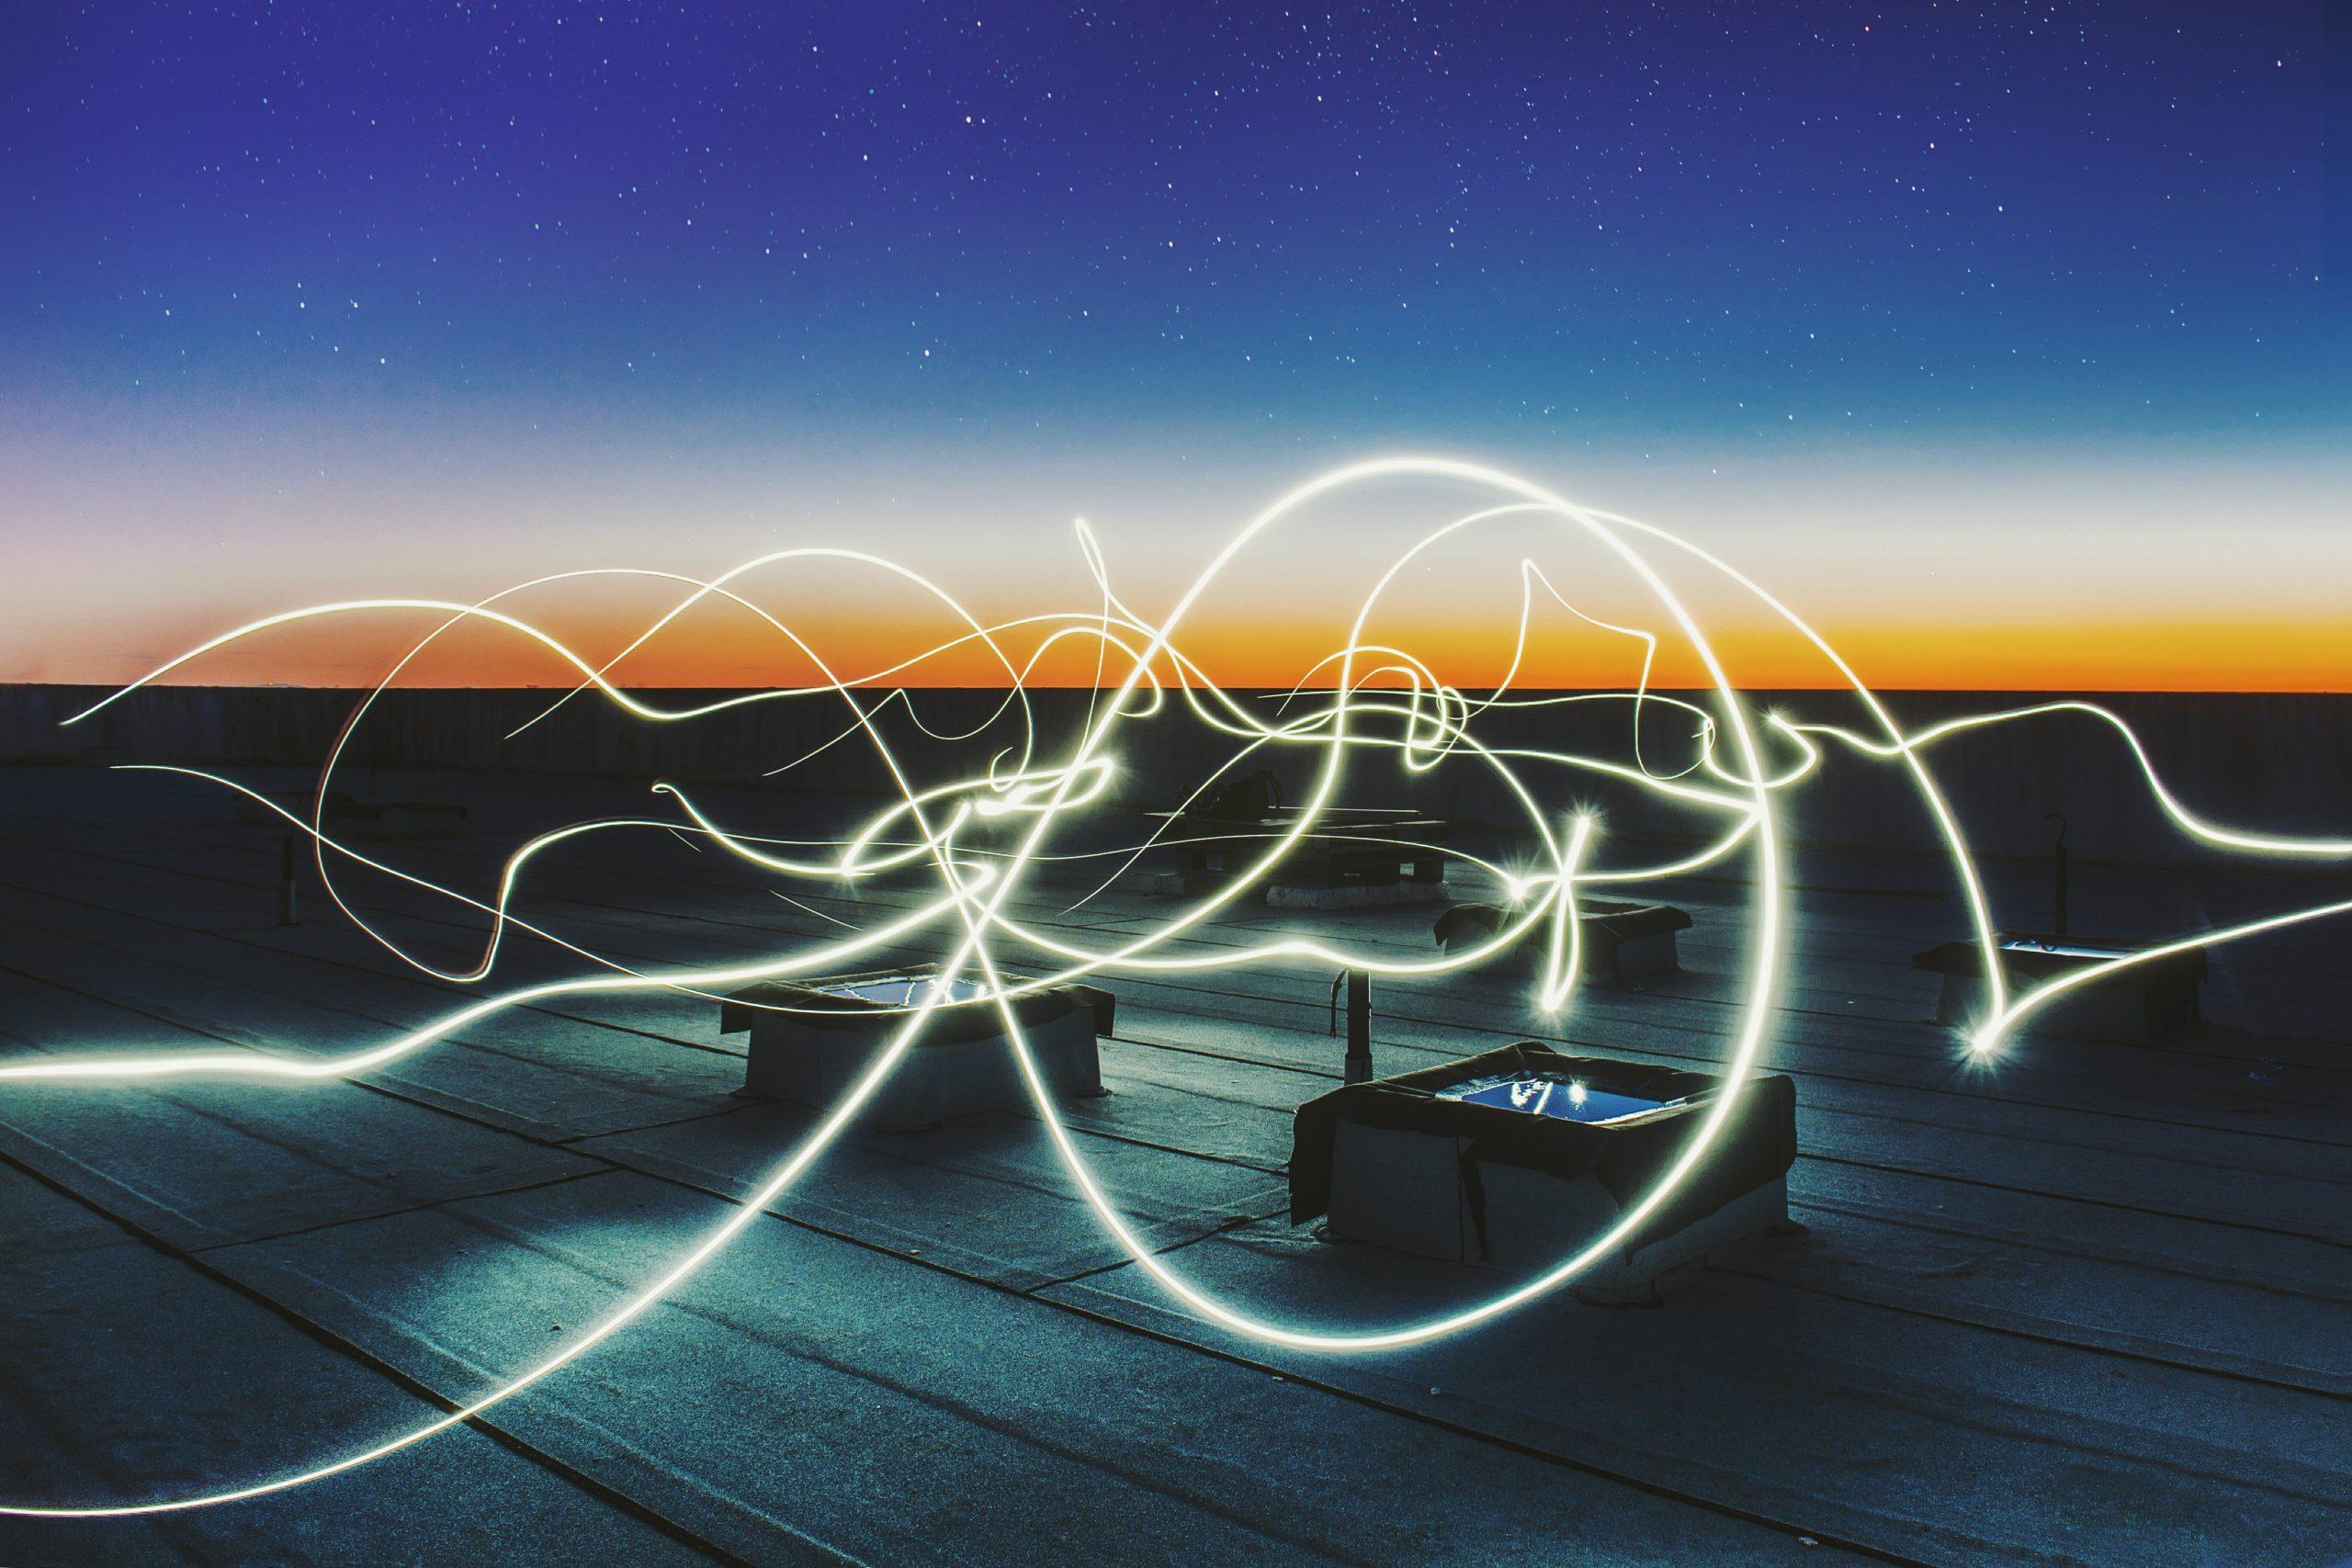 Konsultacijų verslui nauda: trys startuoliai gavo paramą sukurti inovacijoms